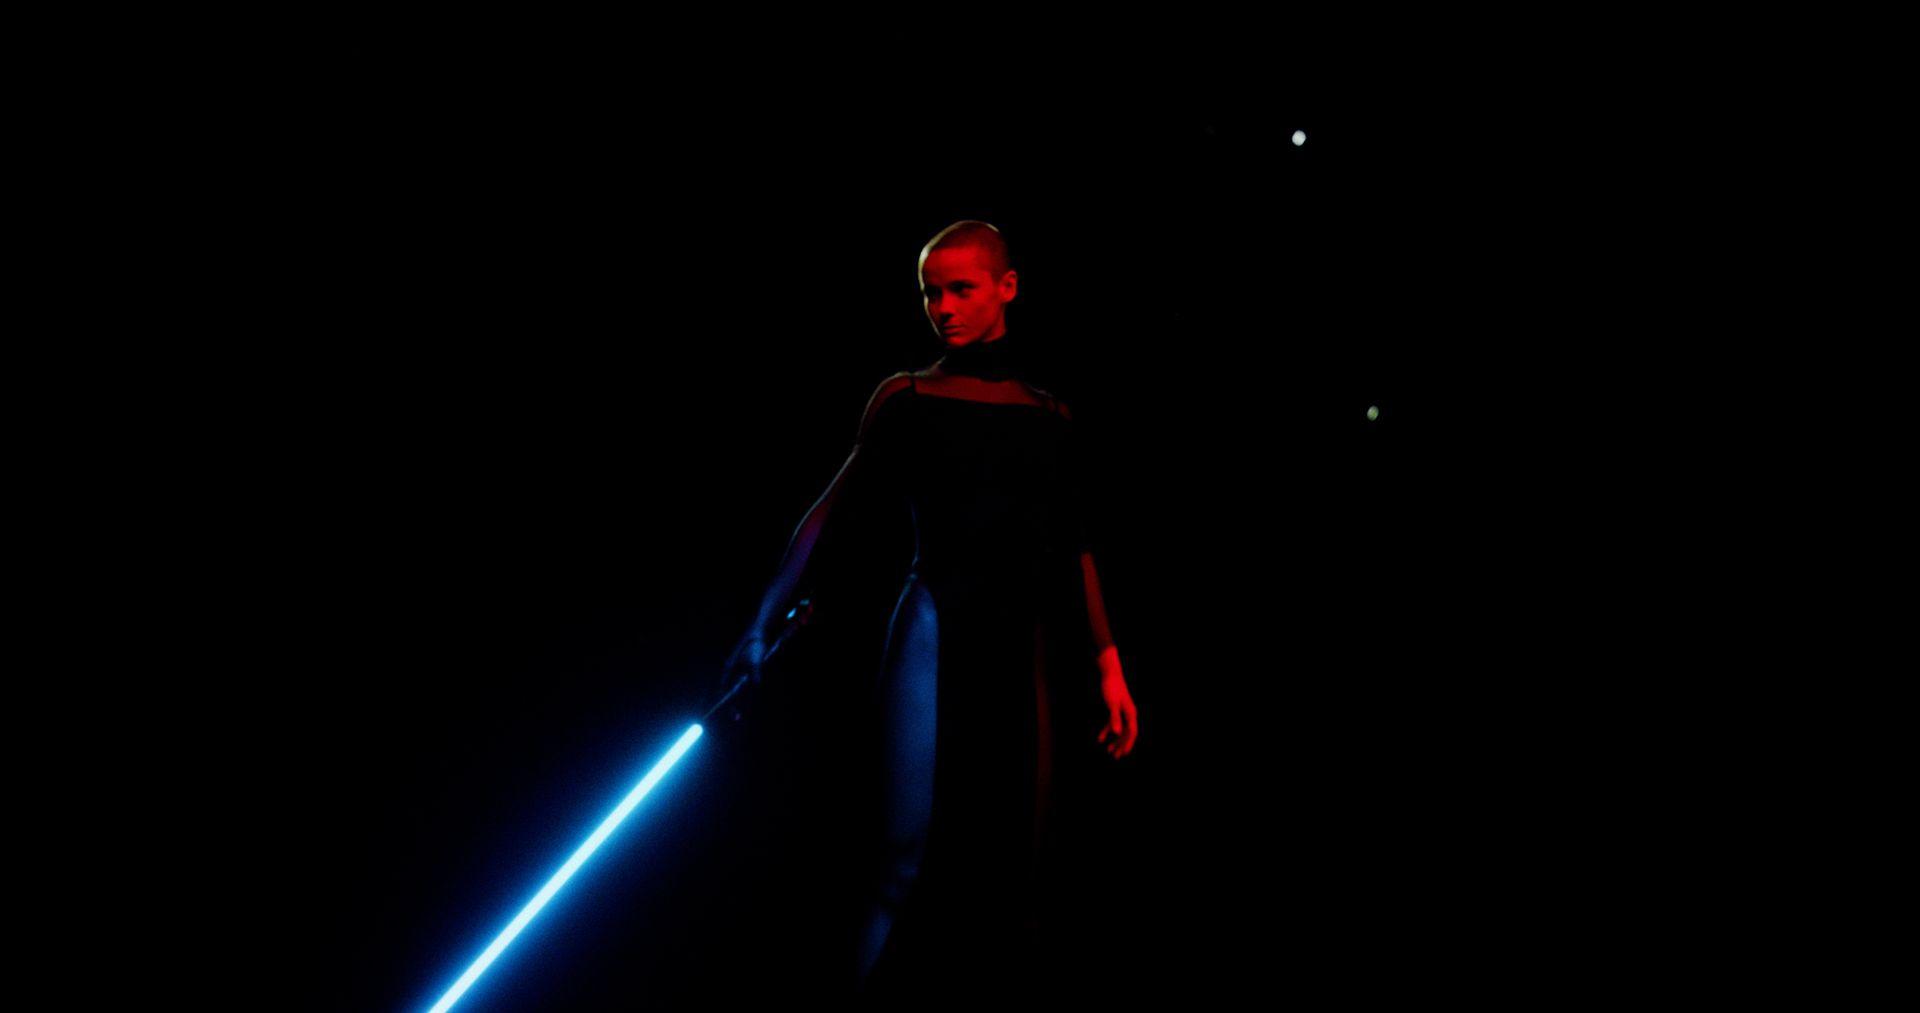 Arrêt sur image de danseuse tenant un sabre laser sur le point de commencer le combat.